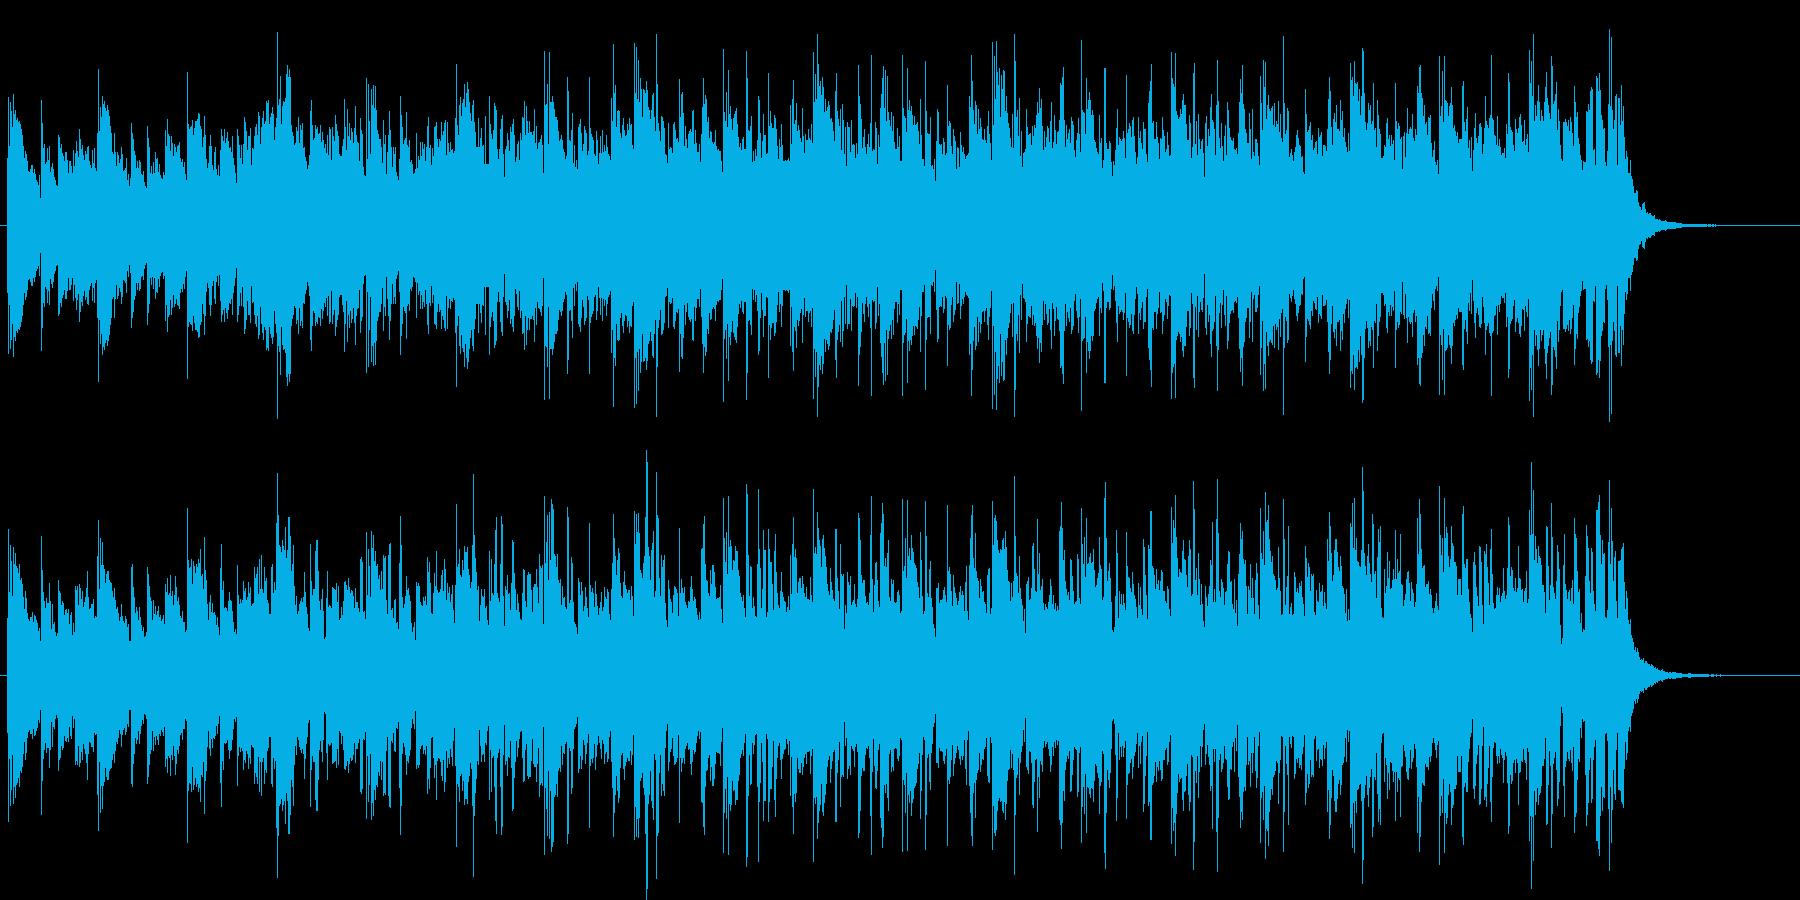 シンセサイザーによる近未来的な曲の再生済みの波形